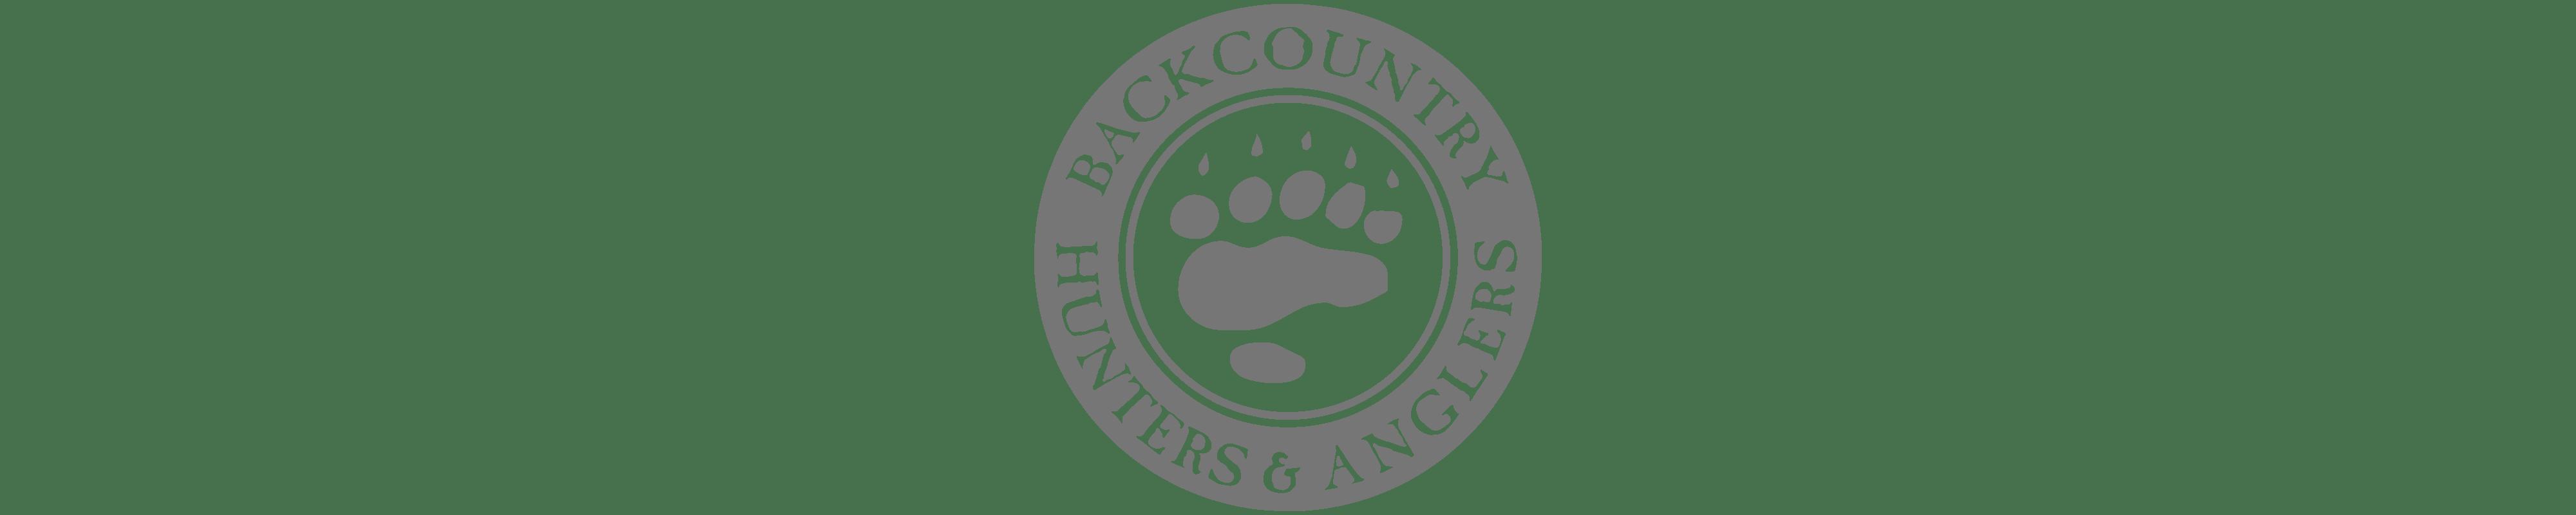 bha-logo.png?mtime=20171013115207#asset:13553